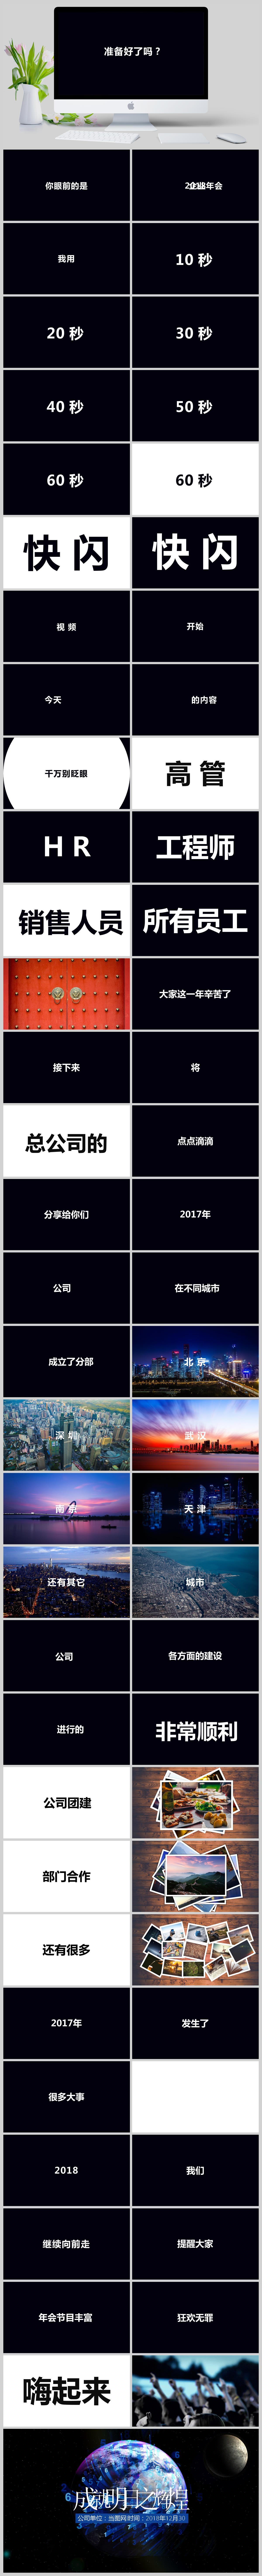 2018酷炫商务企业年会图文快闪PPT亚博体育主页